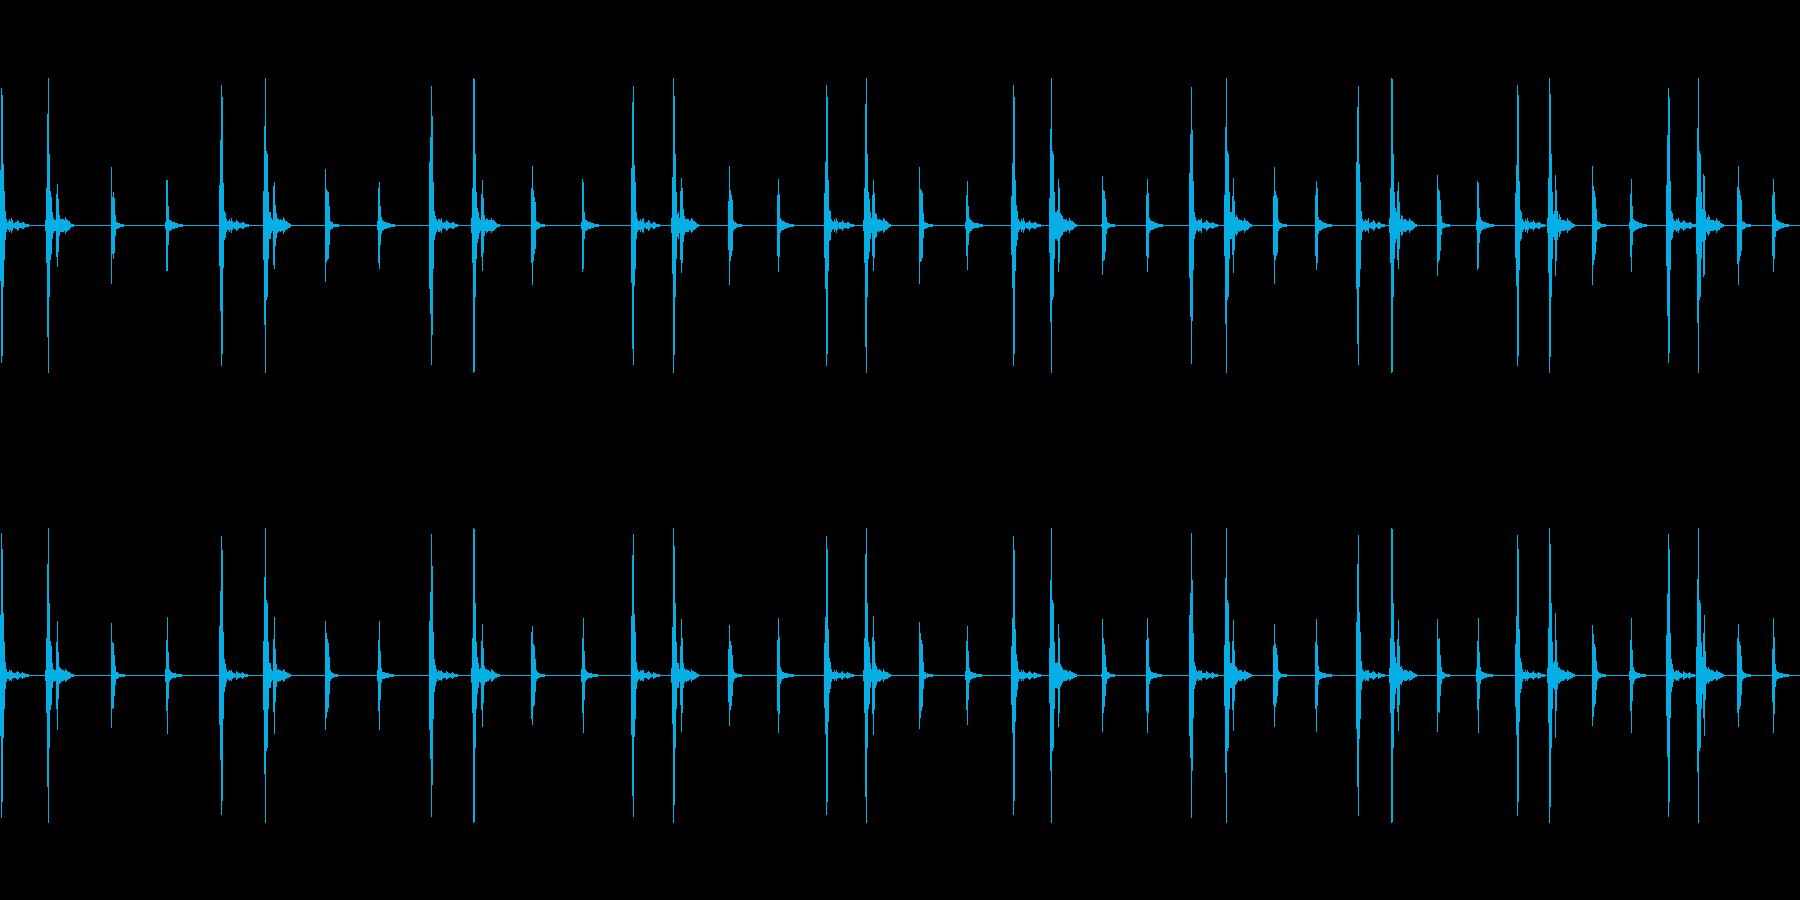 心臓と秒針が早くなっていく音の再生済みの波形